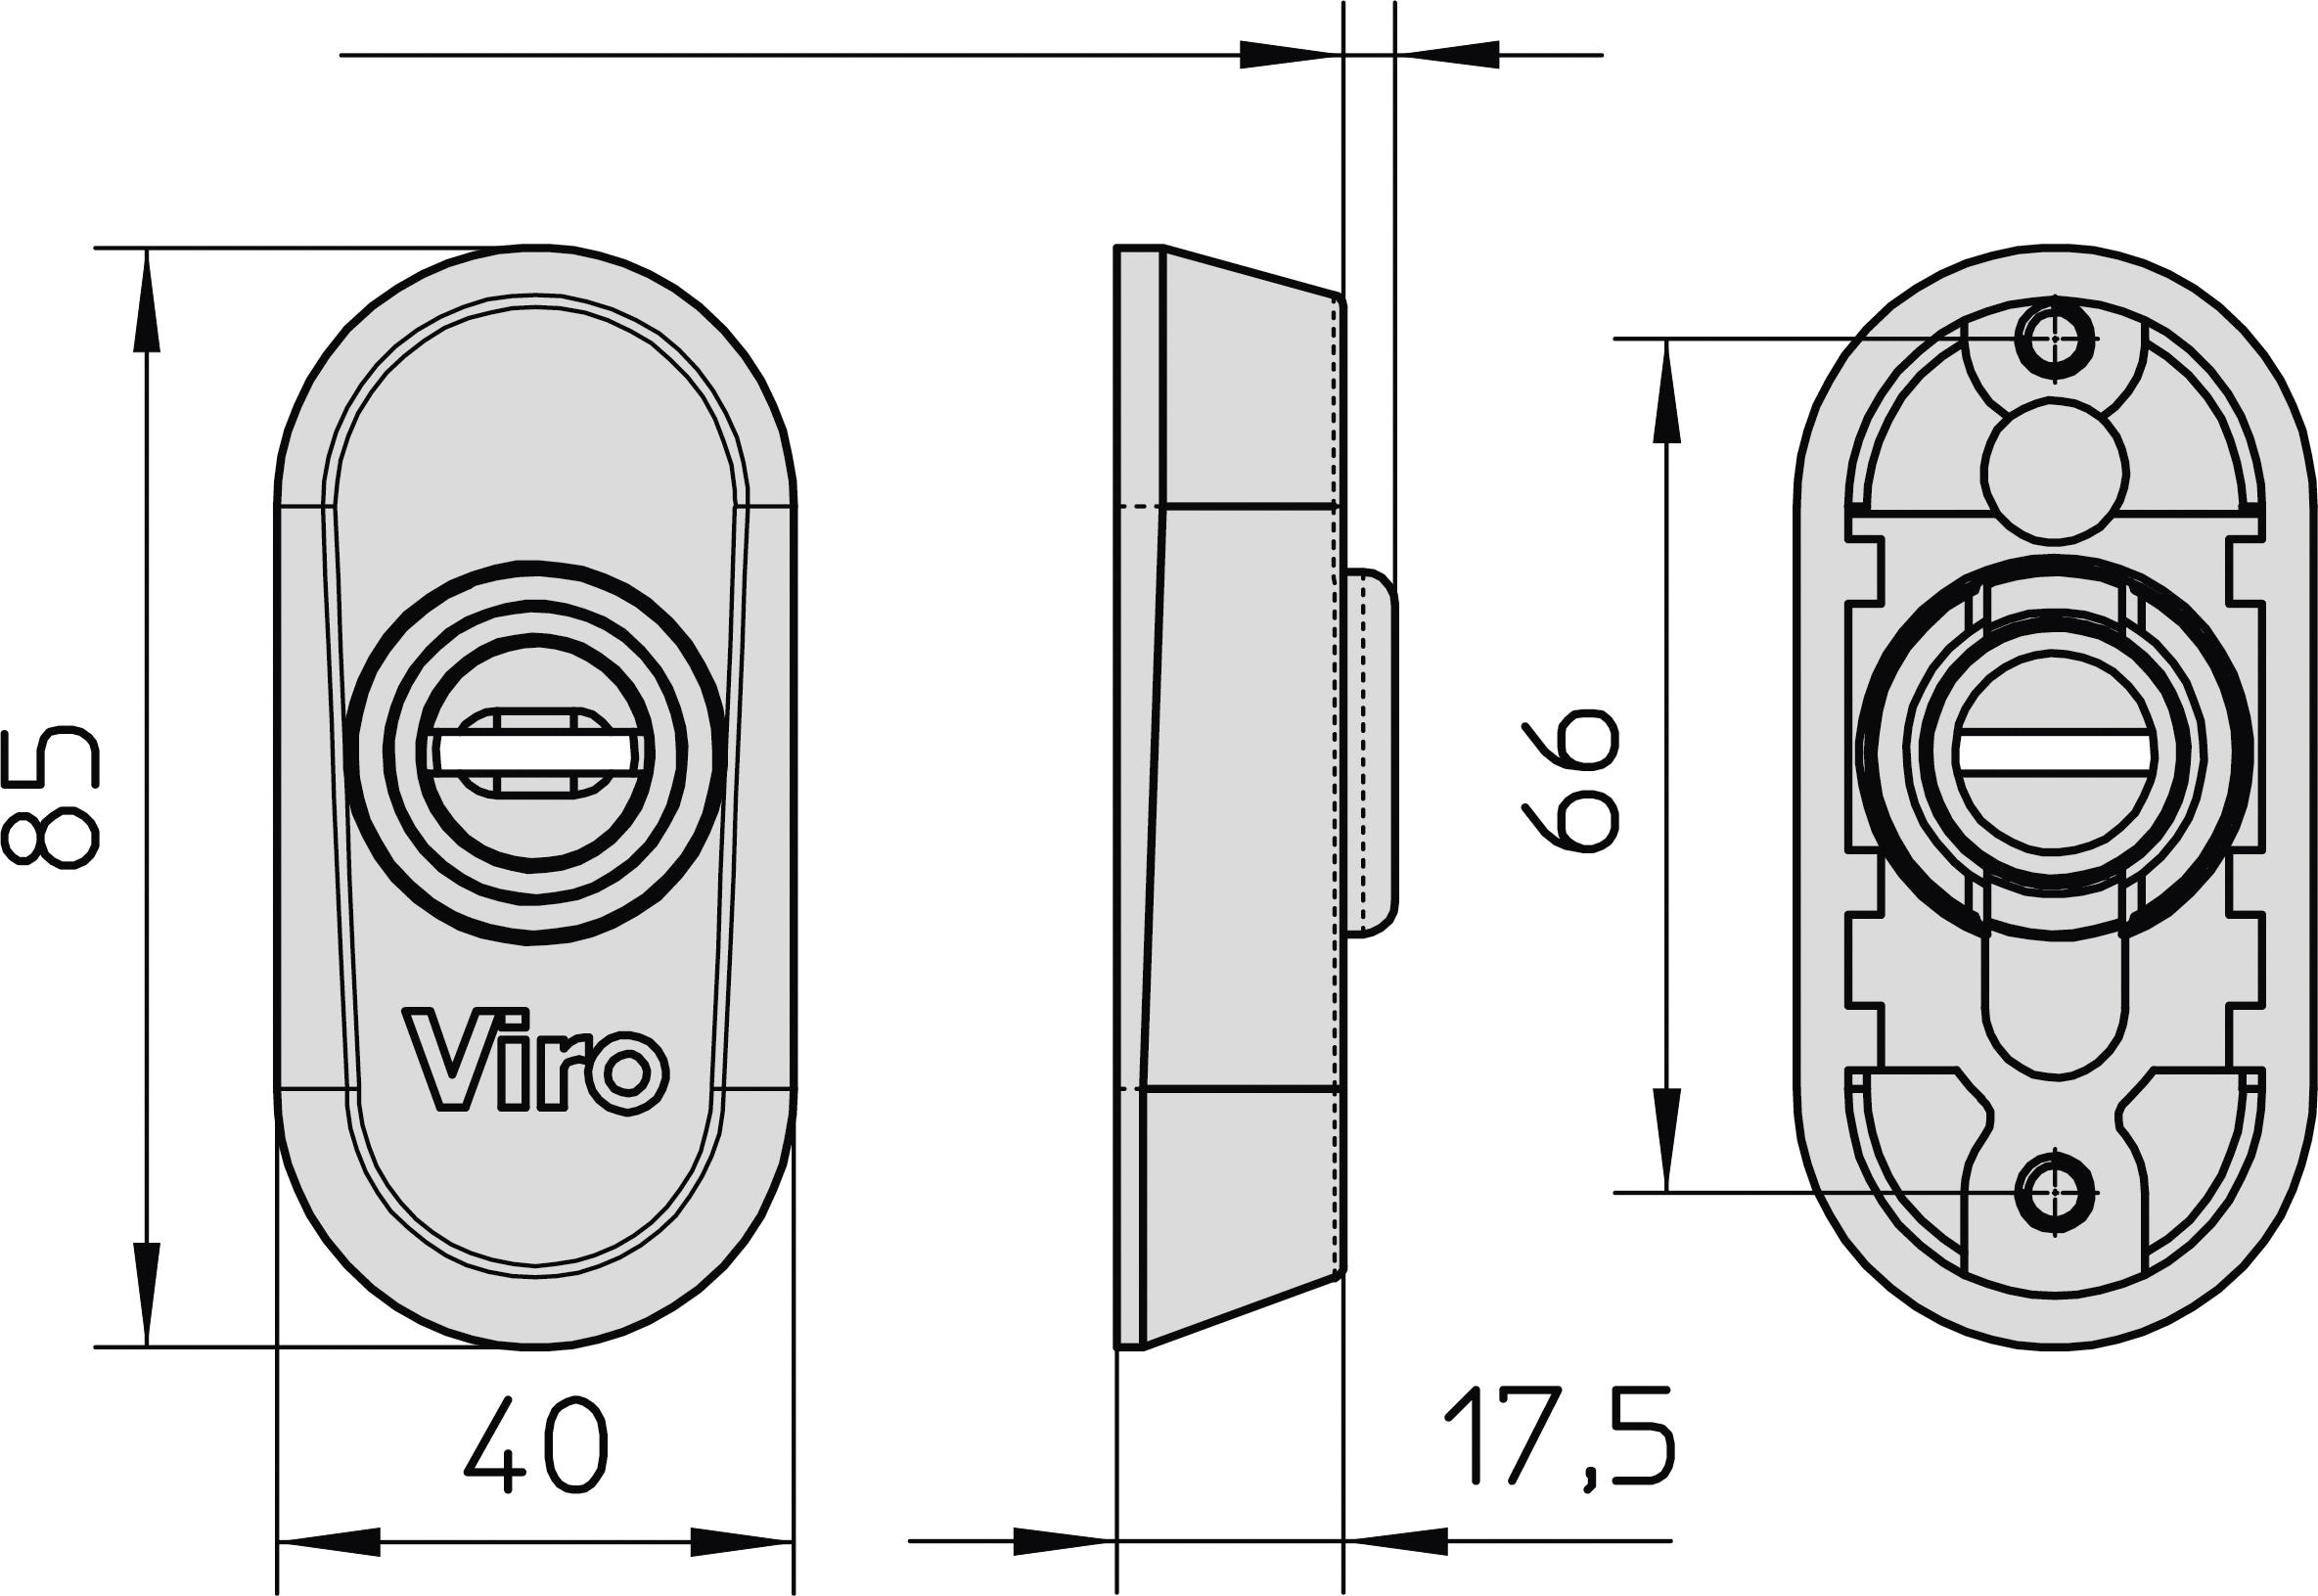 Rosette di sicurezza per spranga universale serrature da for Spranga universale viro